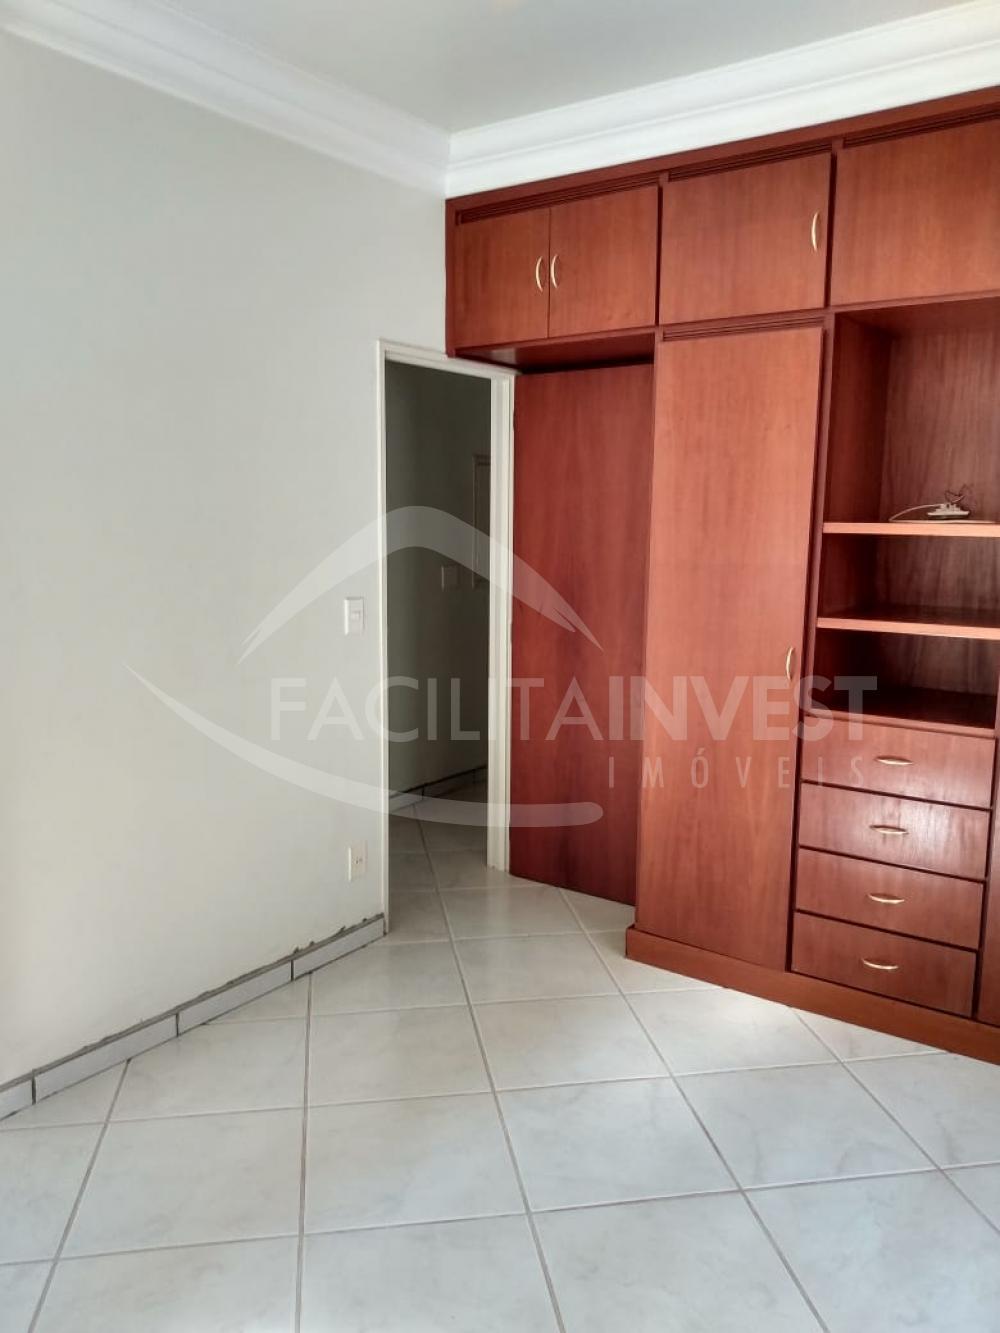 Comprar Casa Padrão / Casa Padrão em Ribeirão Preto apenas R$ 660.000,00 - Foto 14